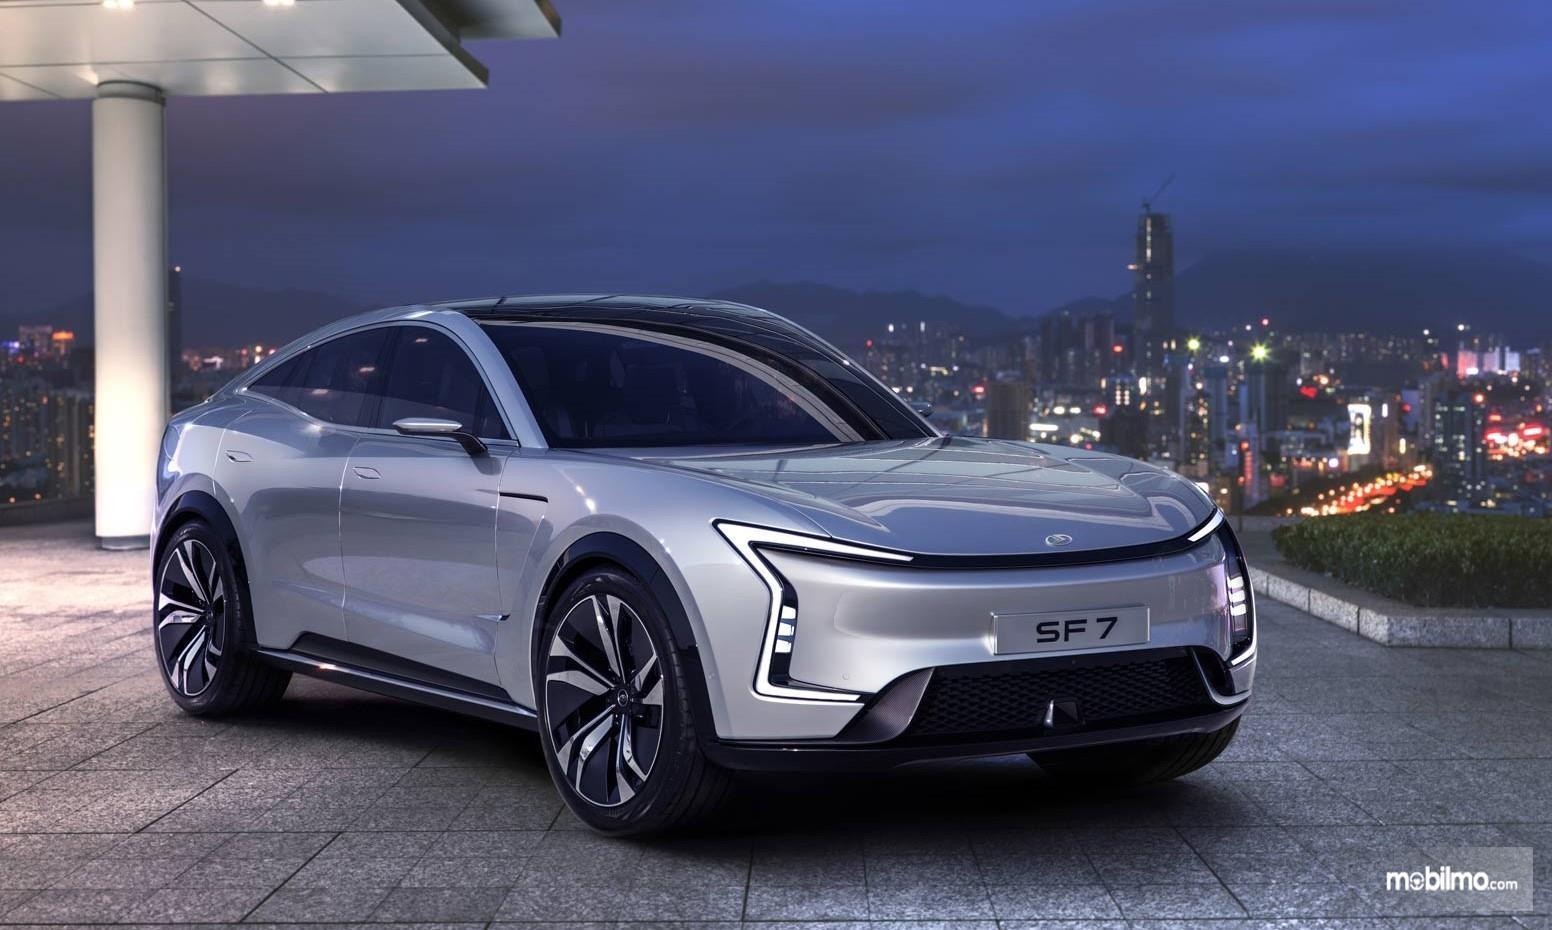 Foto mobil listrik Seres SF 7 yang diperkenalkan di Amerika